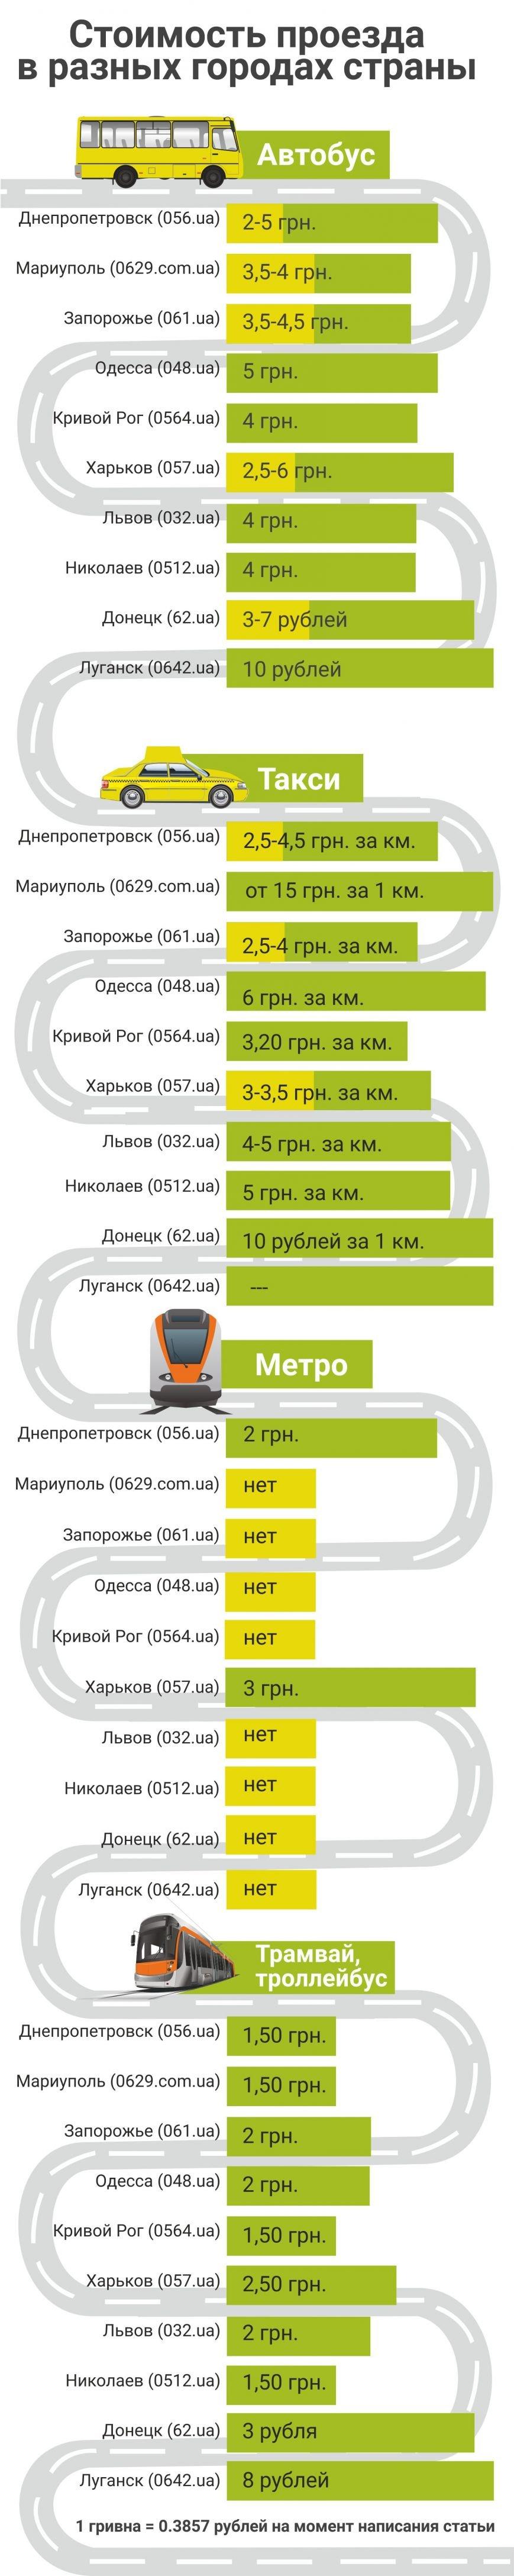 Де найдешевший проїзд в маршрутках, а де вигідніше користуватися трамваєм або тролейбусом, а може навіть таксі? (фото) - фото 4